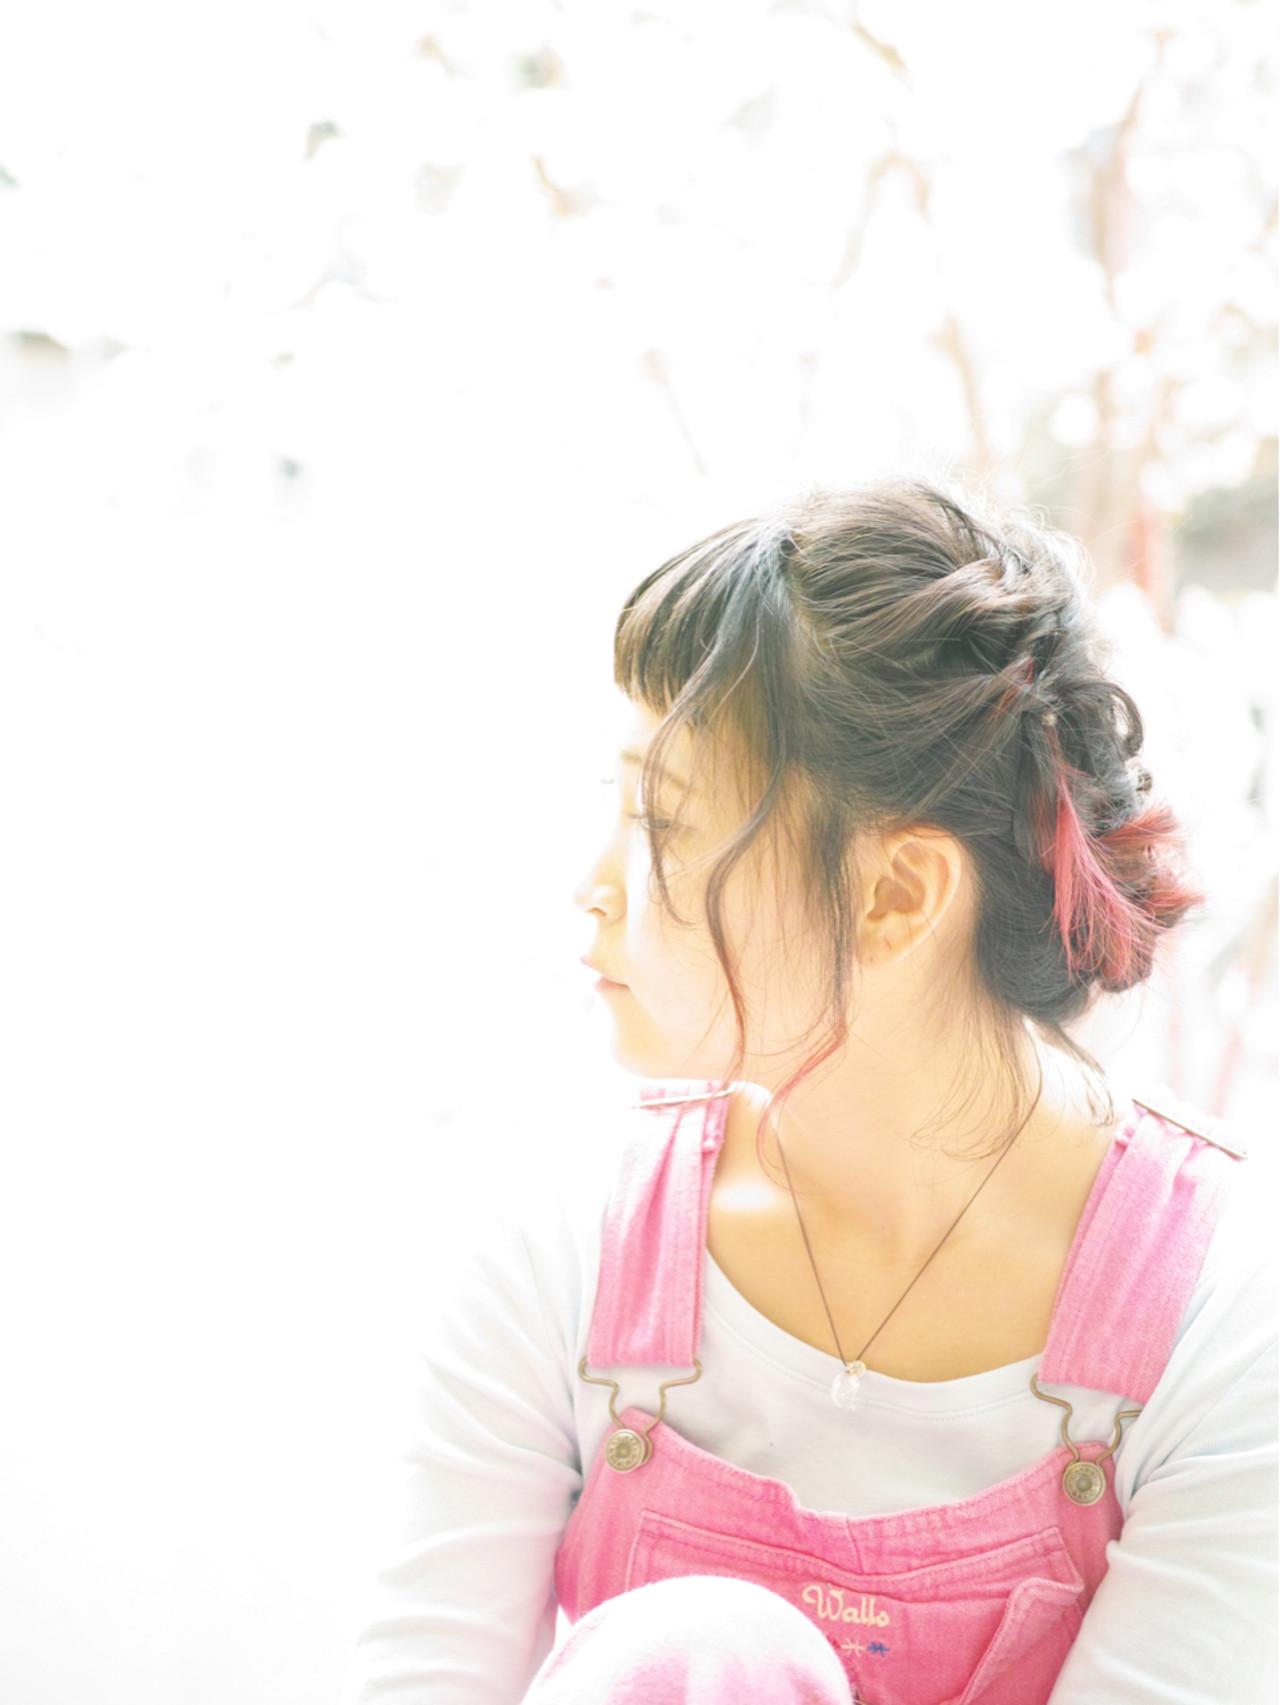 レッド ピンク ゆるふわ フェミニン ヘアスタイルや髪型の写真・画像 | カラーリスト・YuuKi Sekimoto / wherever